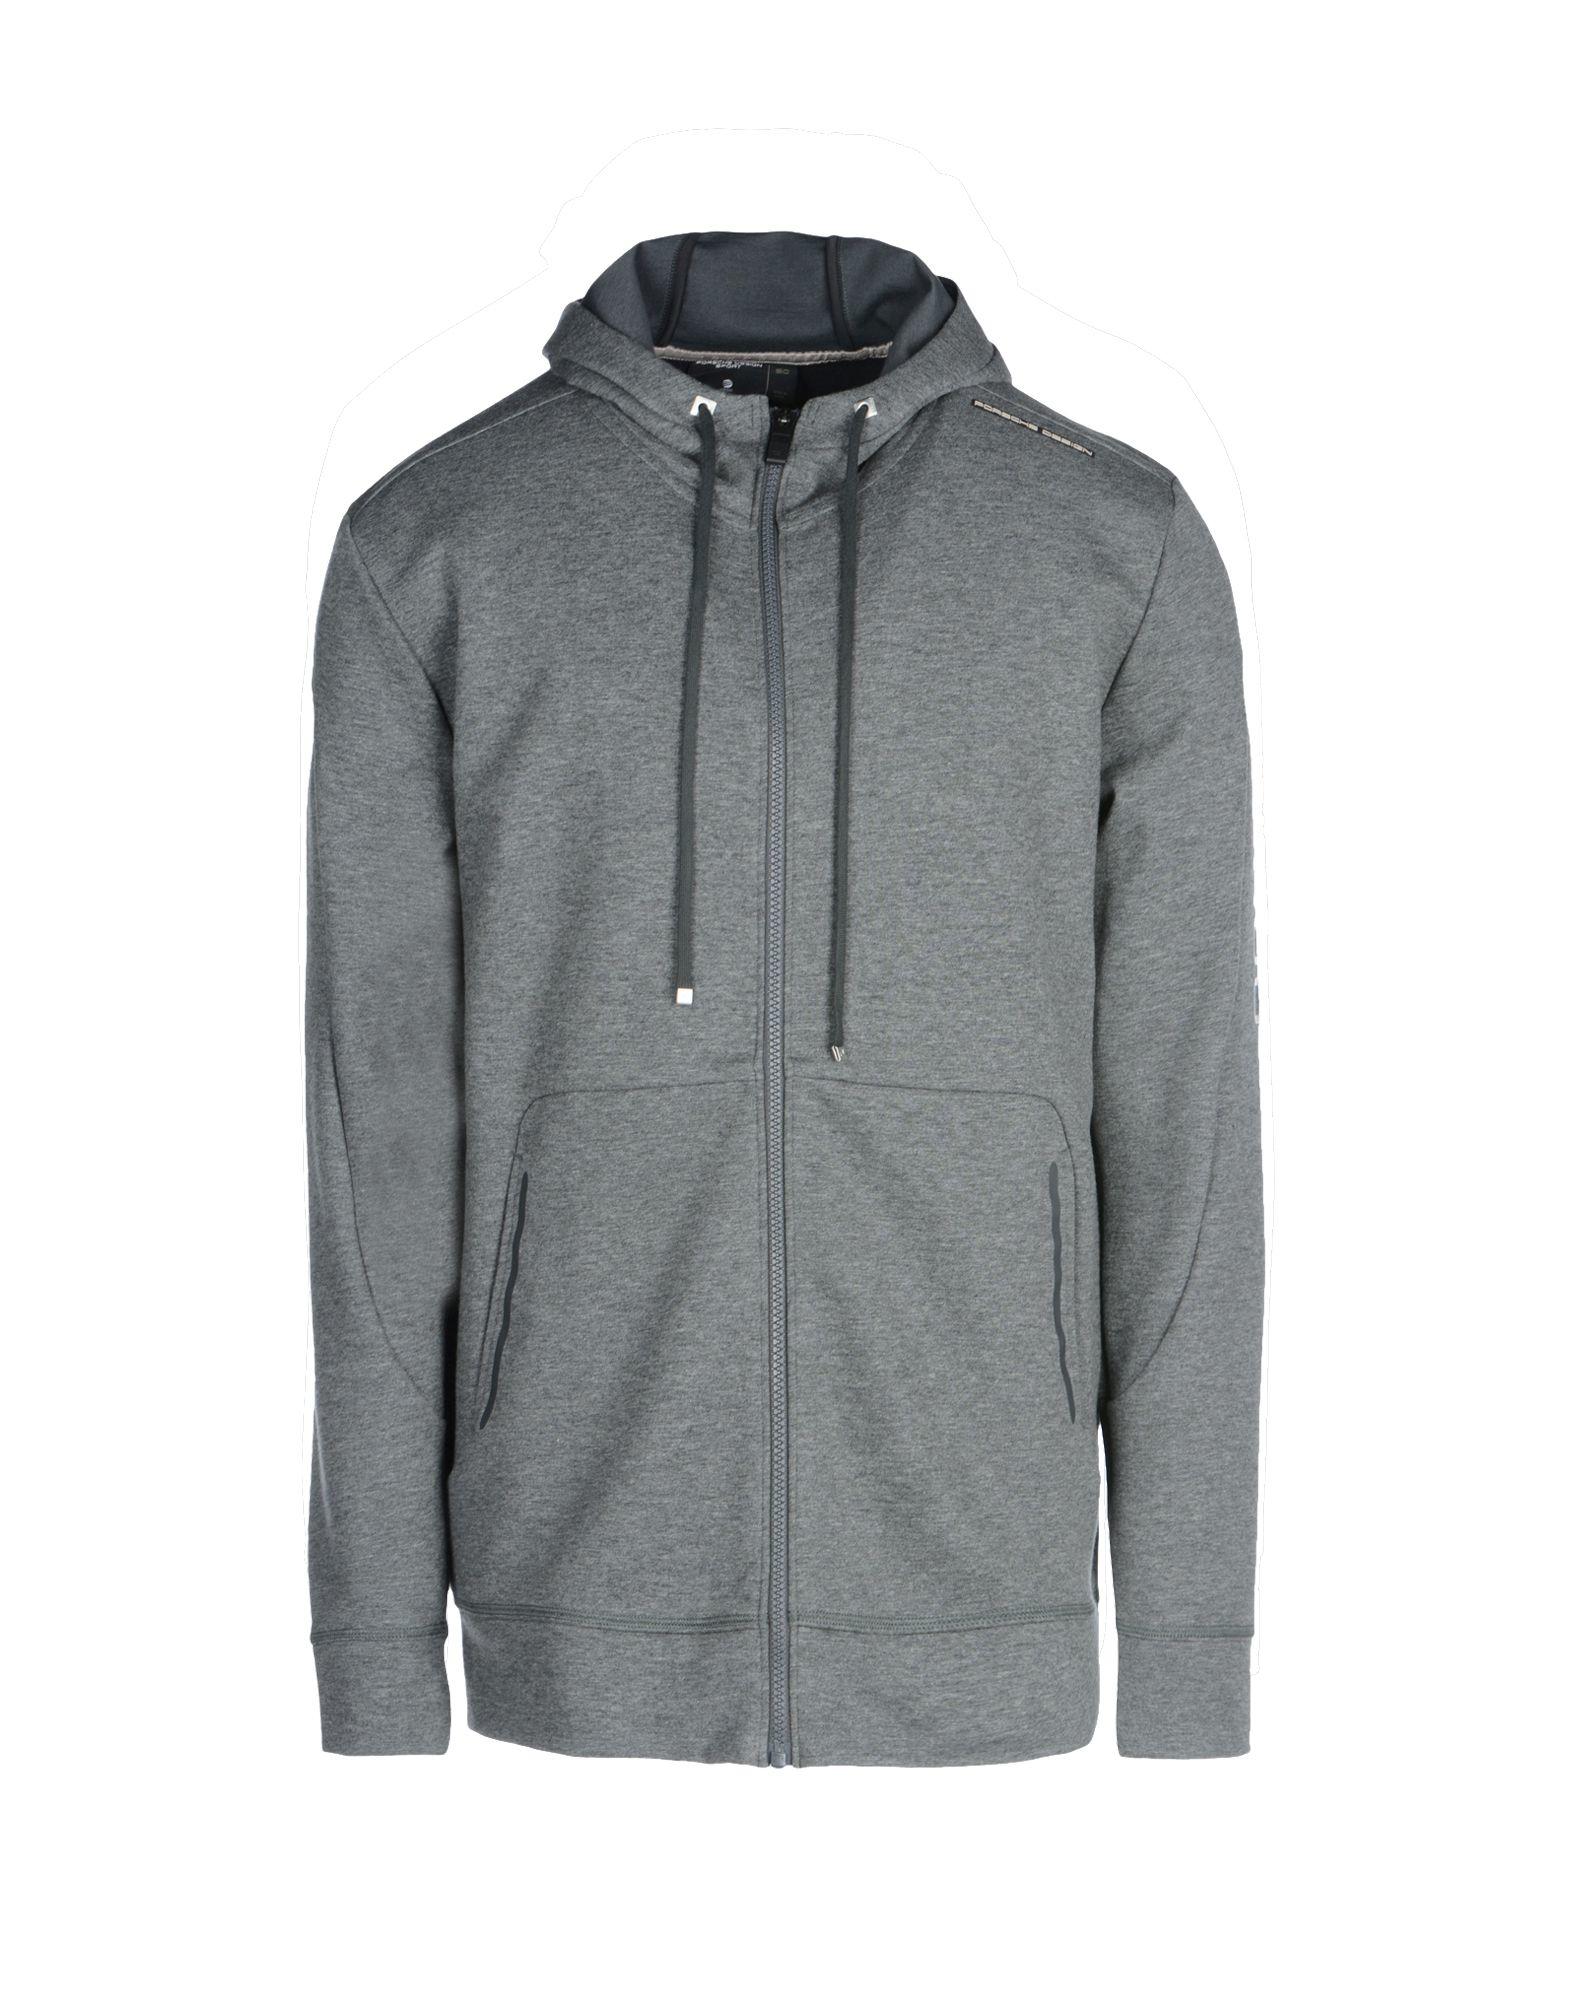 Porsche Design Sweatshirt In Gray For Men Lyst